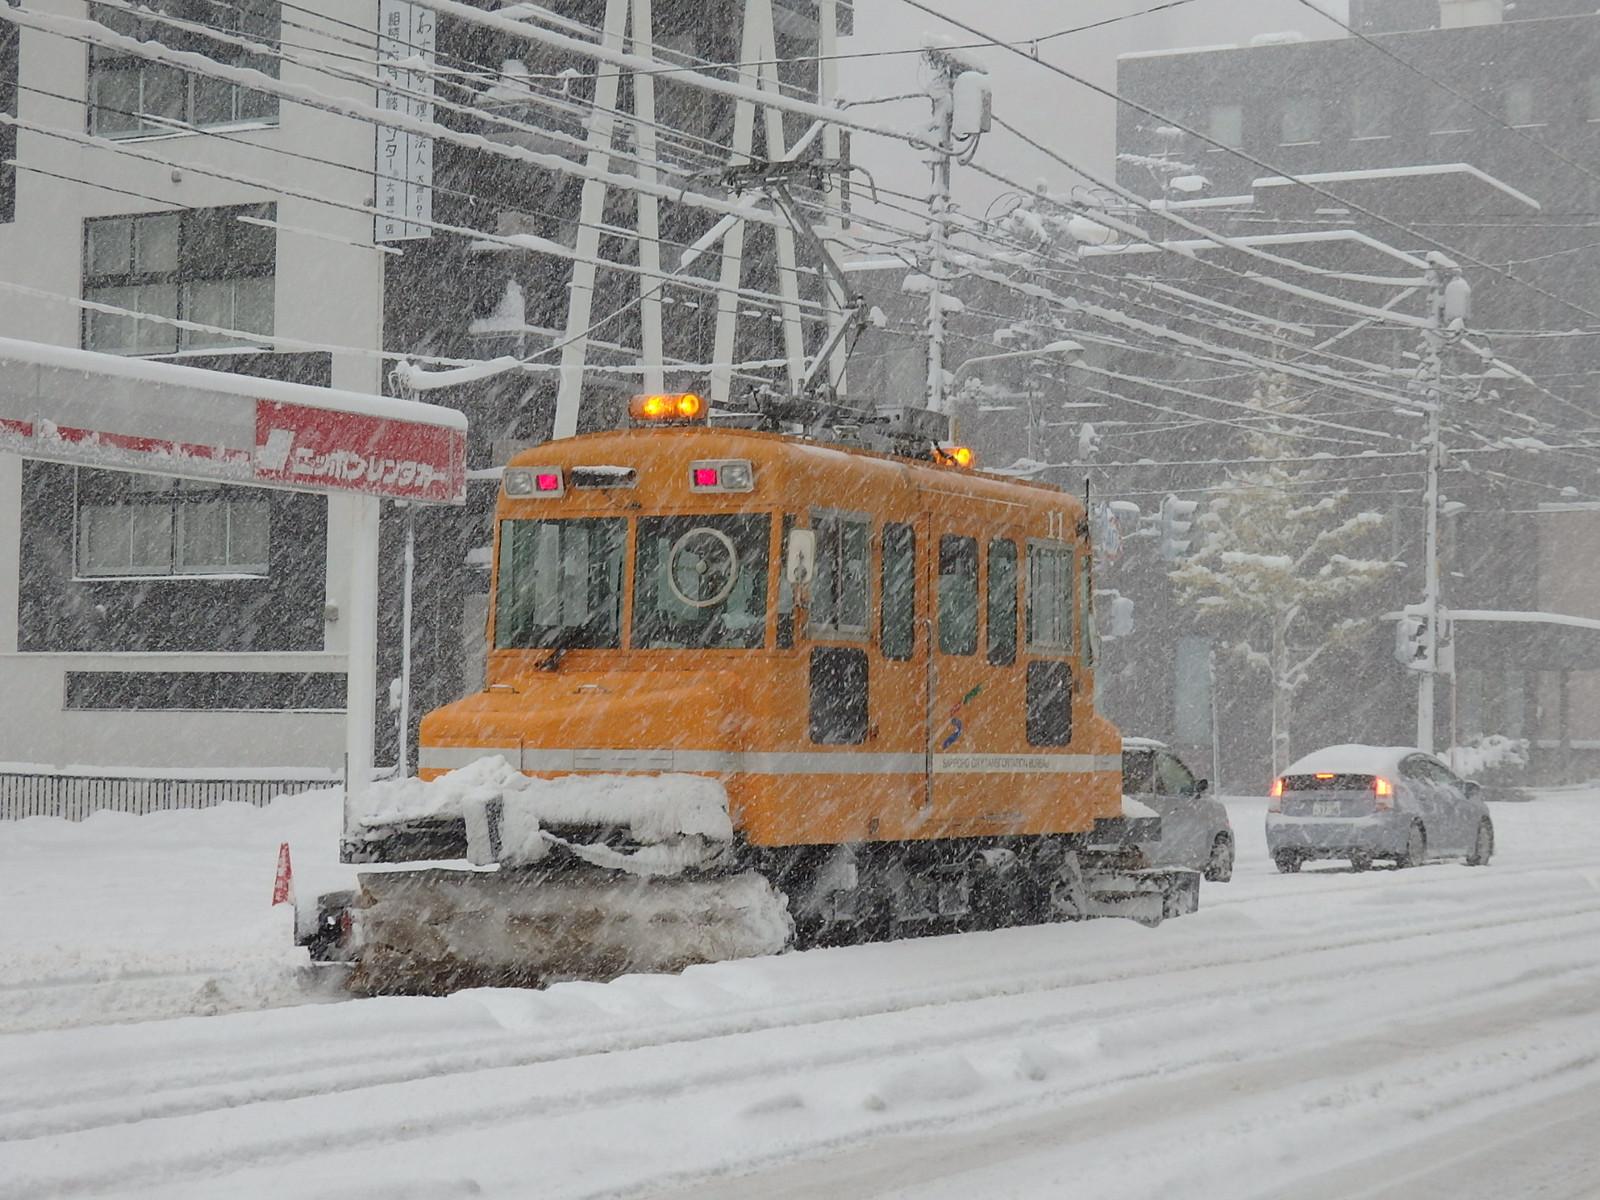 札幌市電のササラ電車